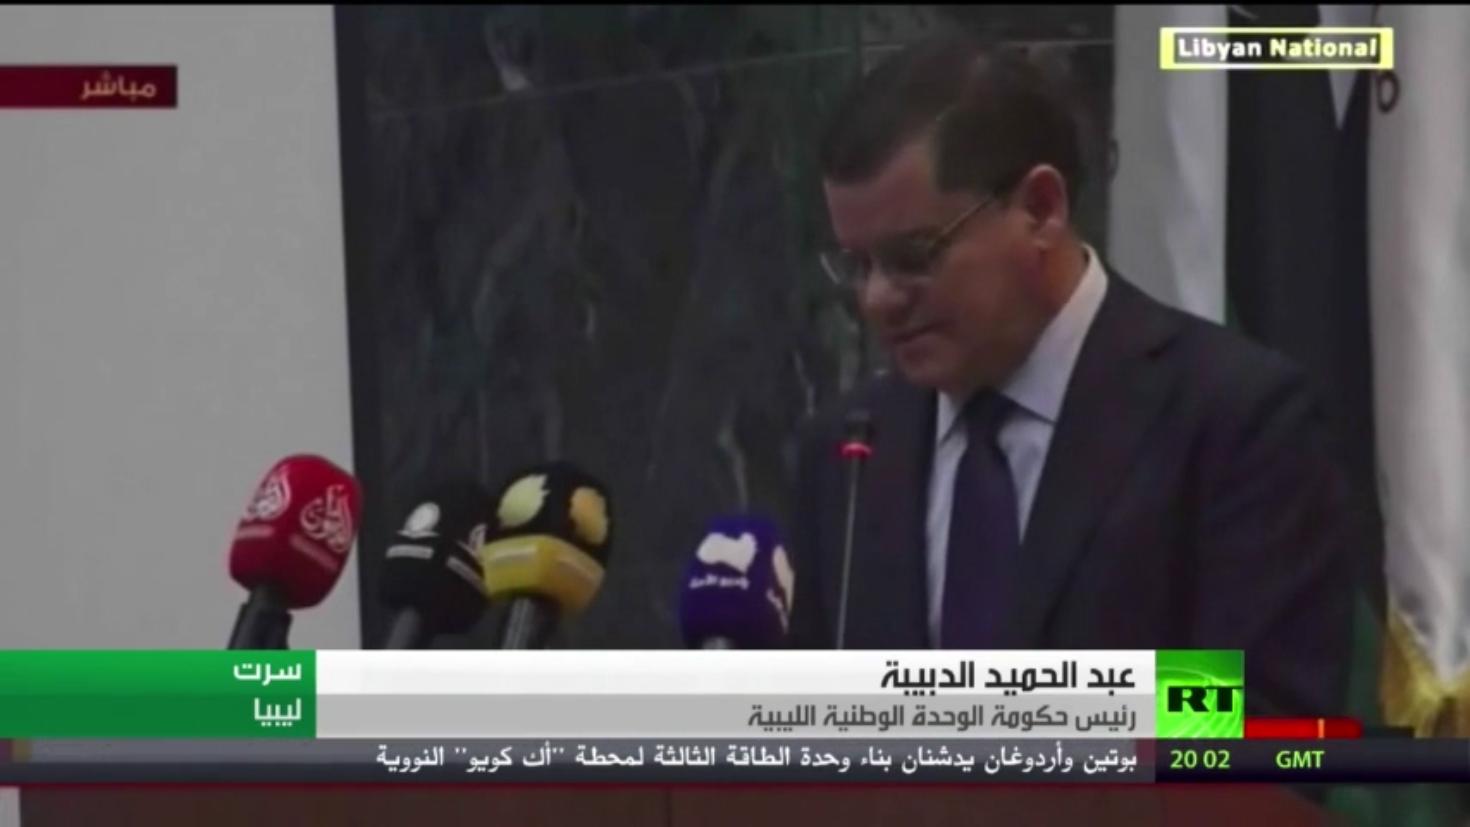 البرلمان الليبي يمنح الثقة لحكومة الدبيبة